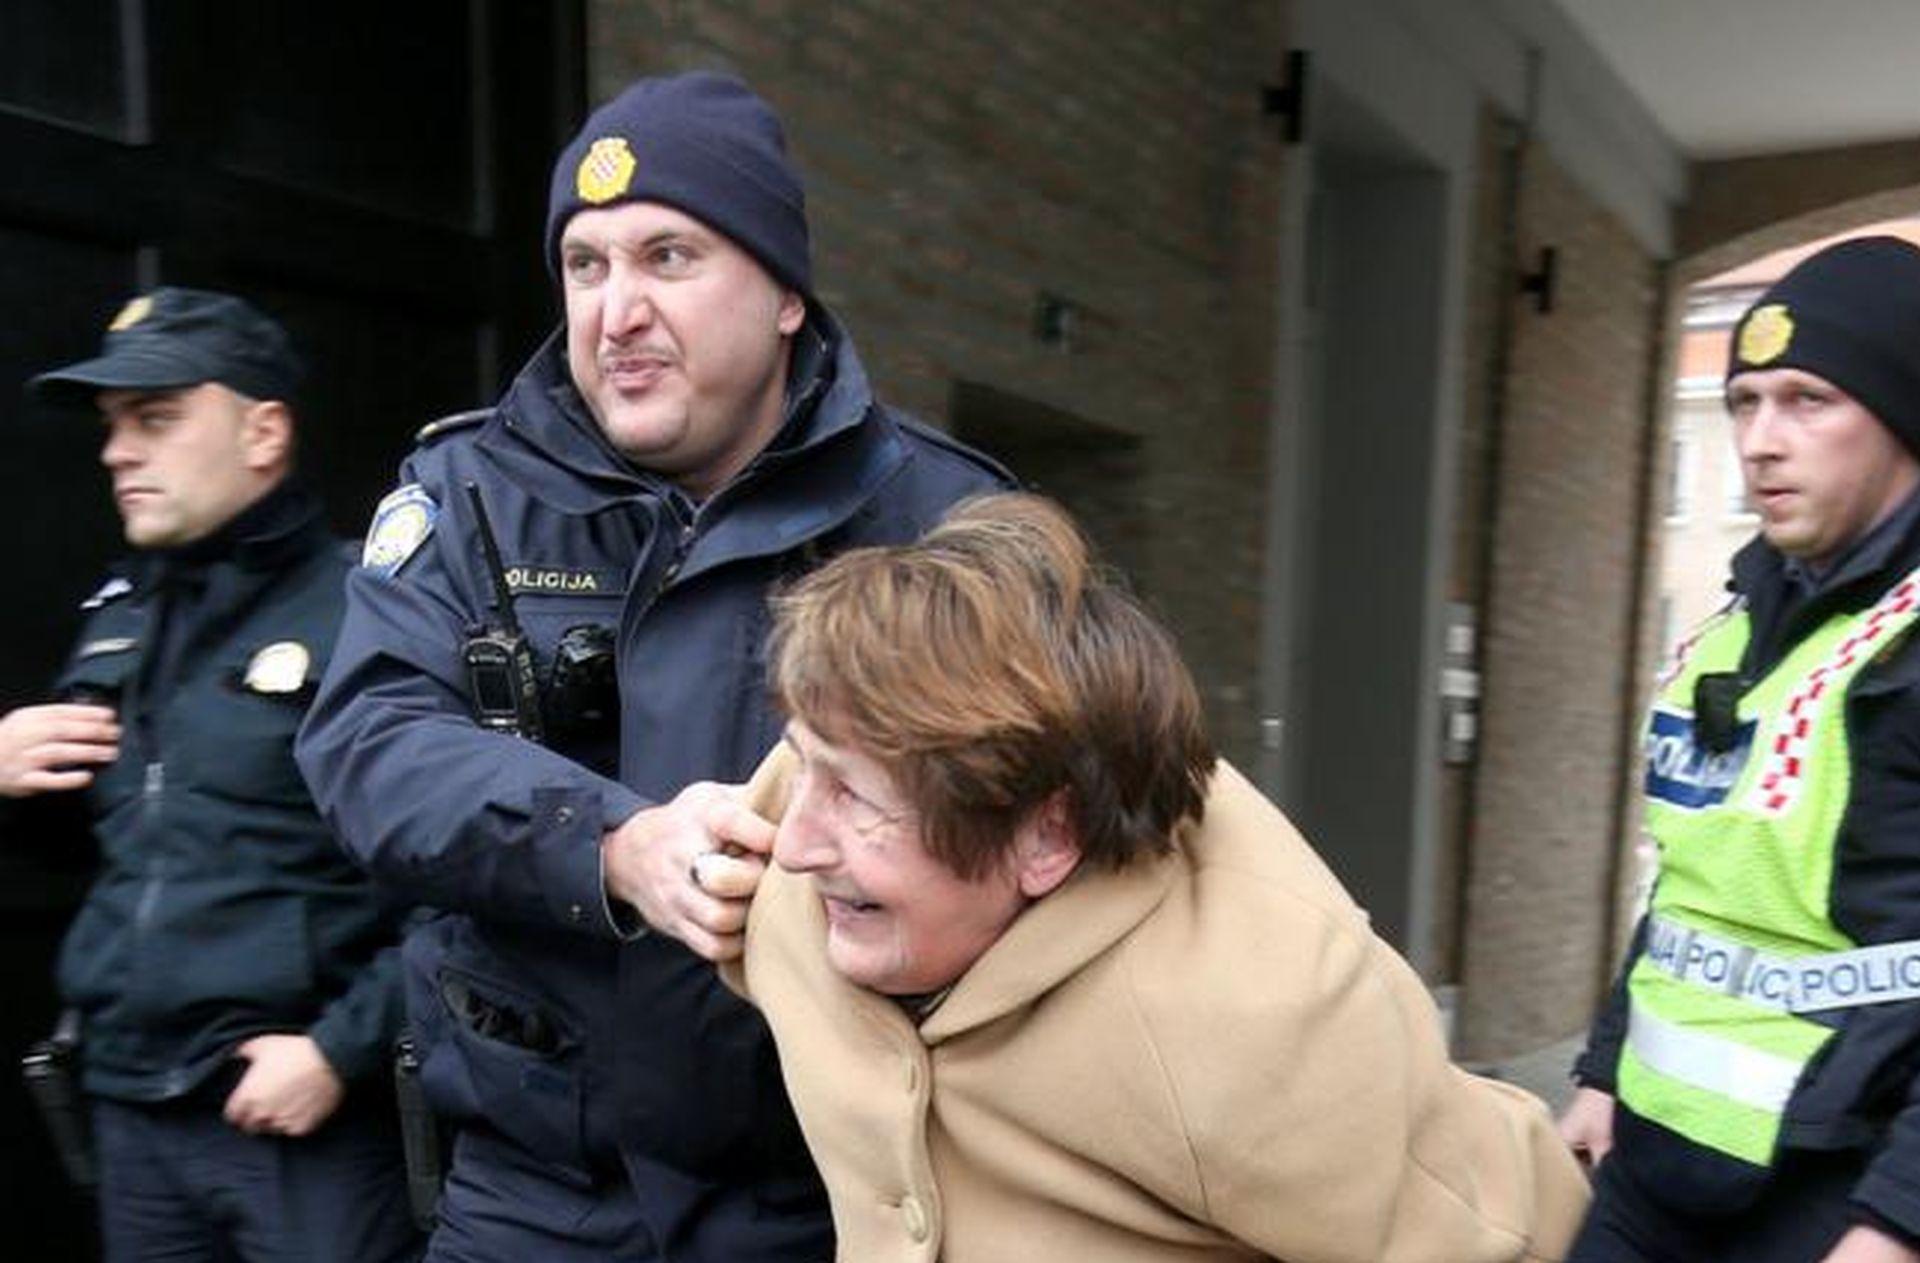 VIDEO: POLICIJSKA BRUTALNOST: Policajac u Osijeku srušio ženu na pod jer je prešla cestu dok je na semaforu bilo crveno